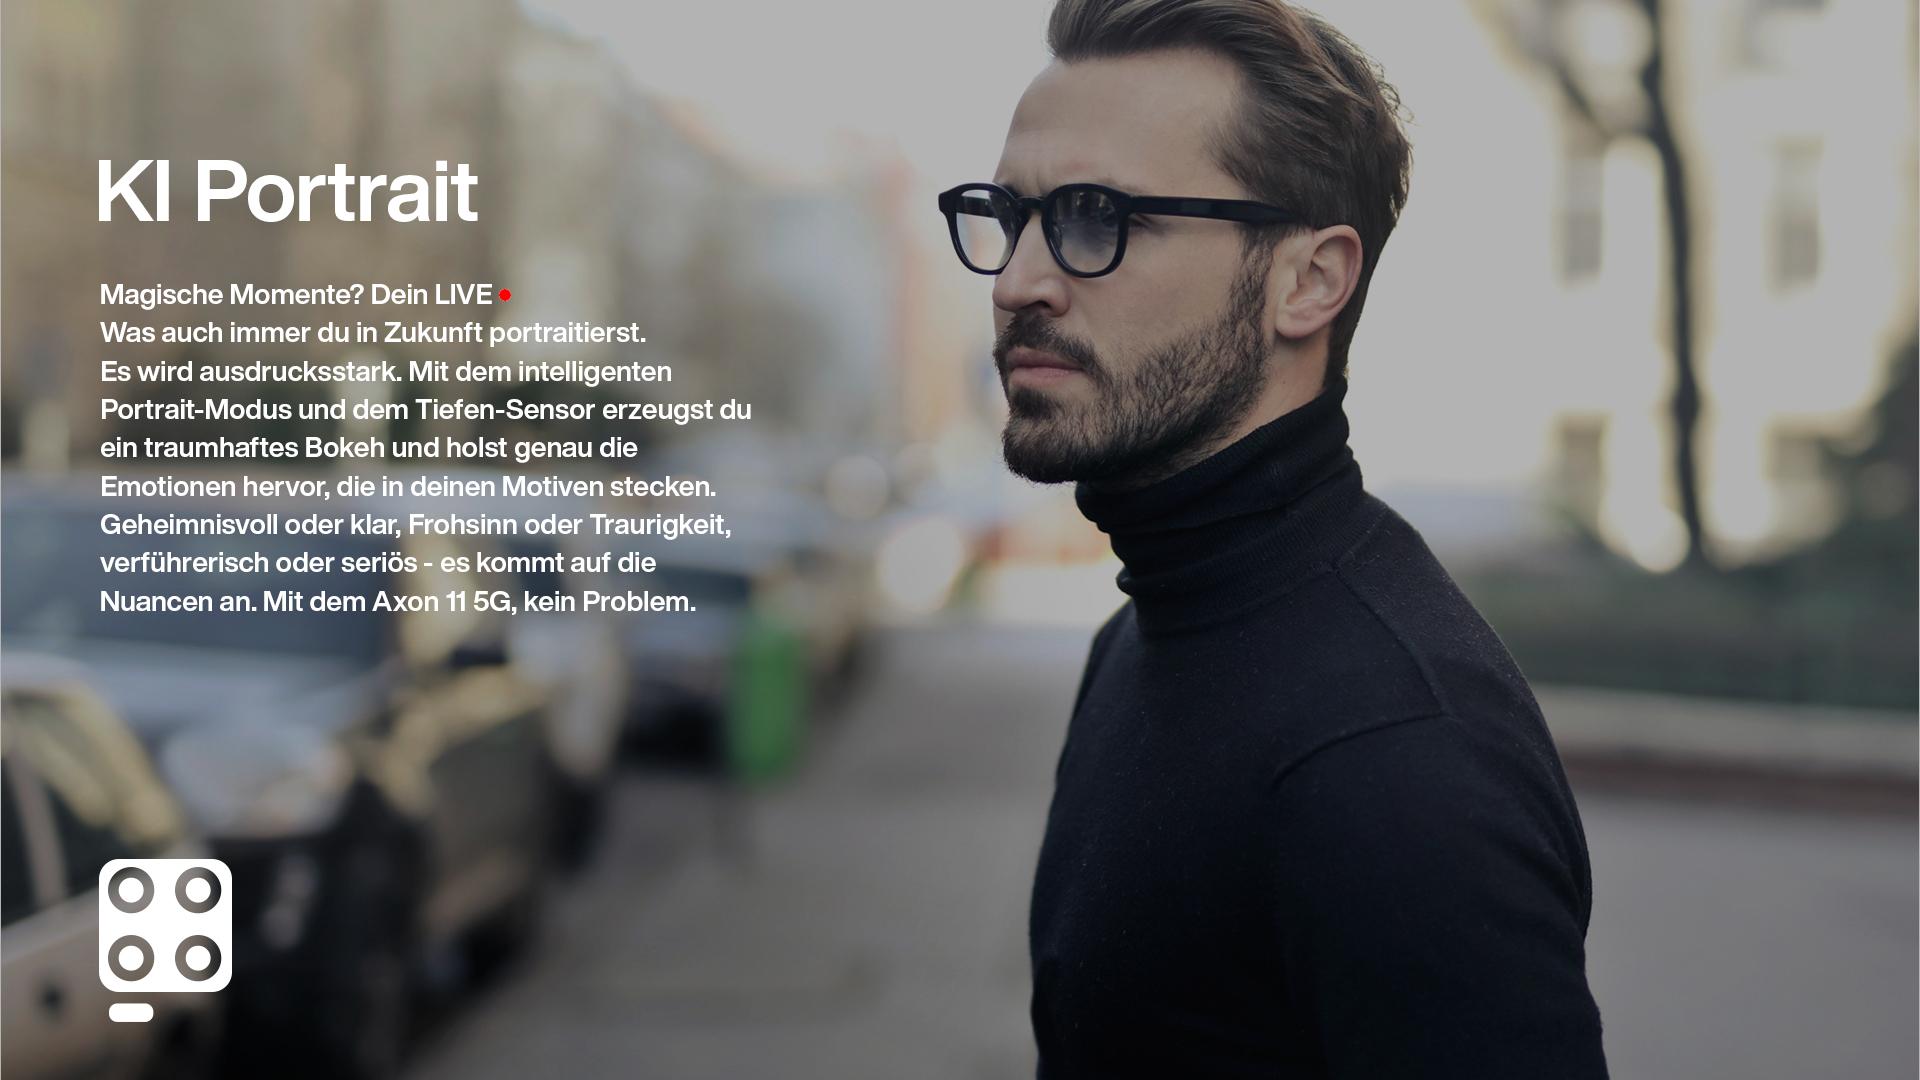 mann mit brille im fokus vor unscharfem hintergrund